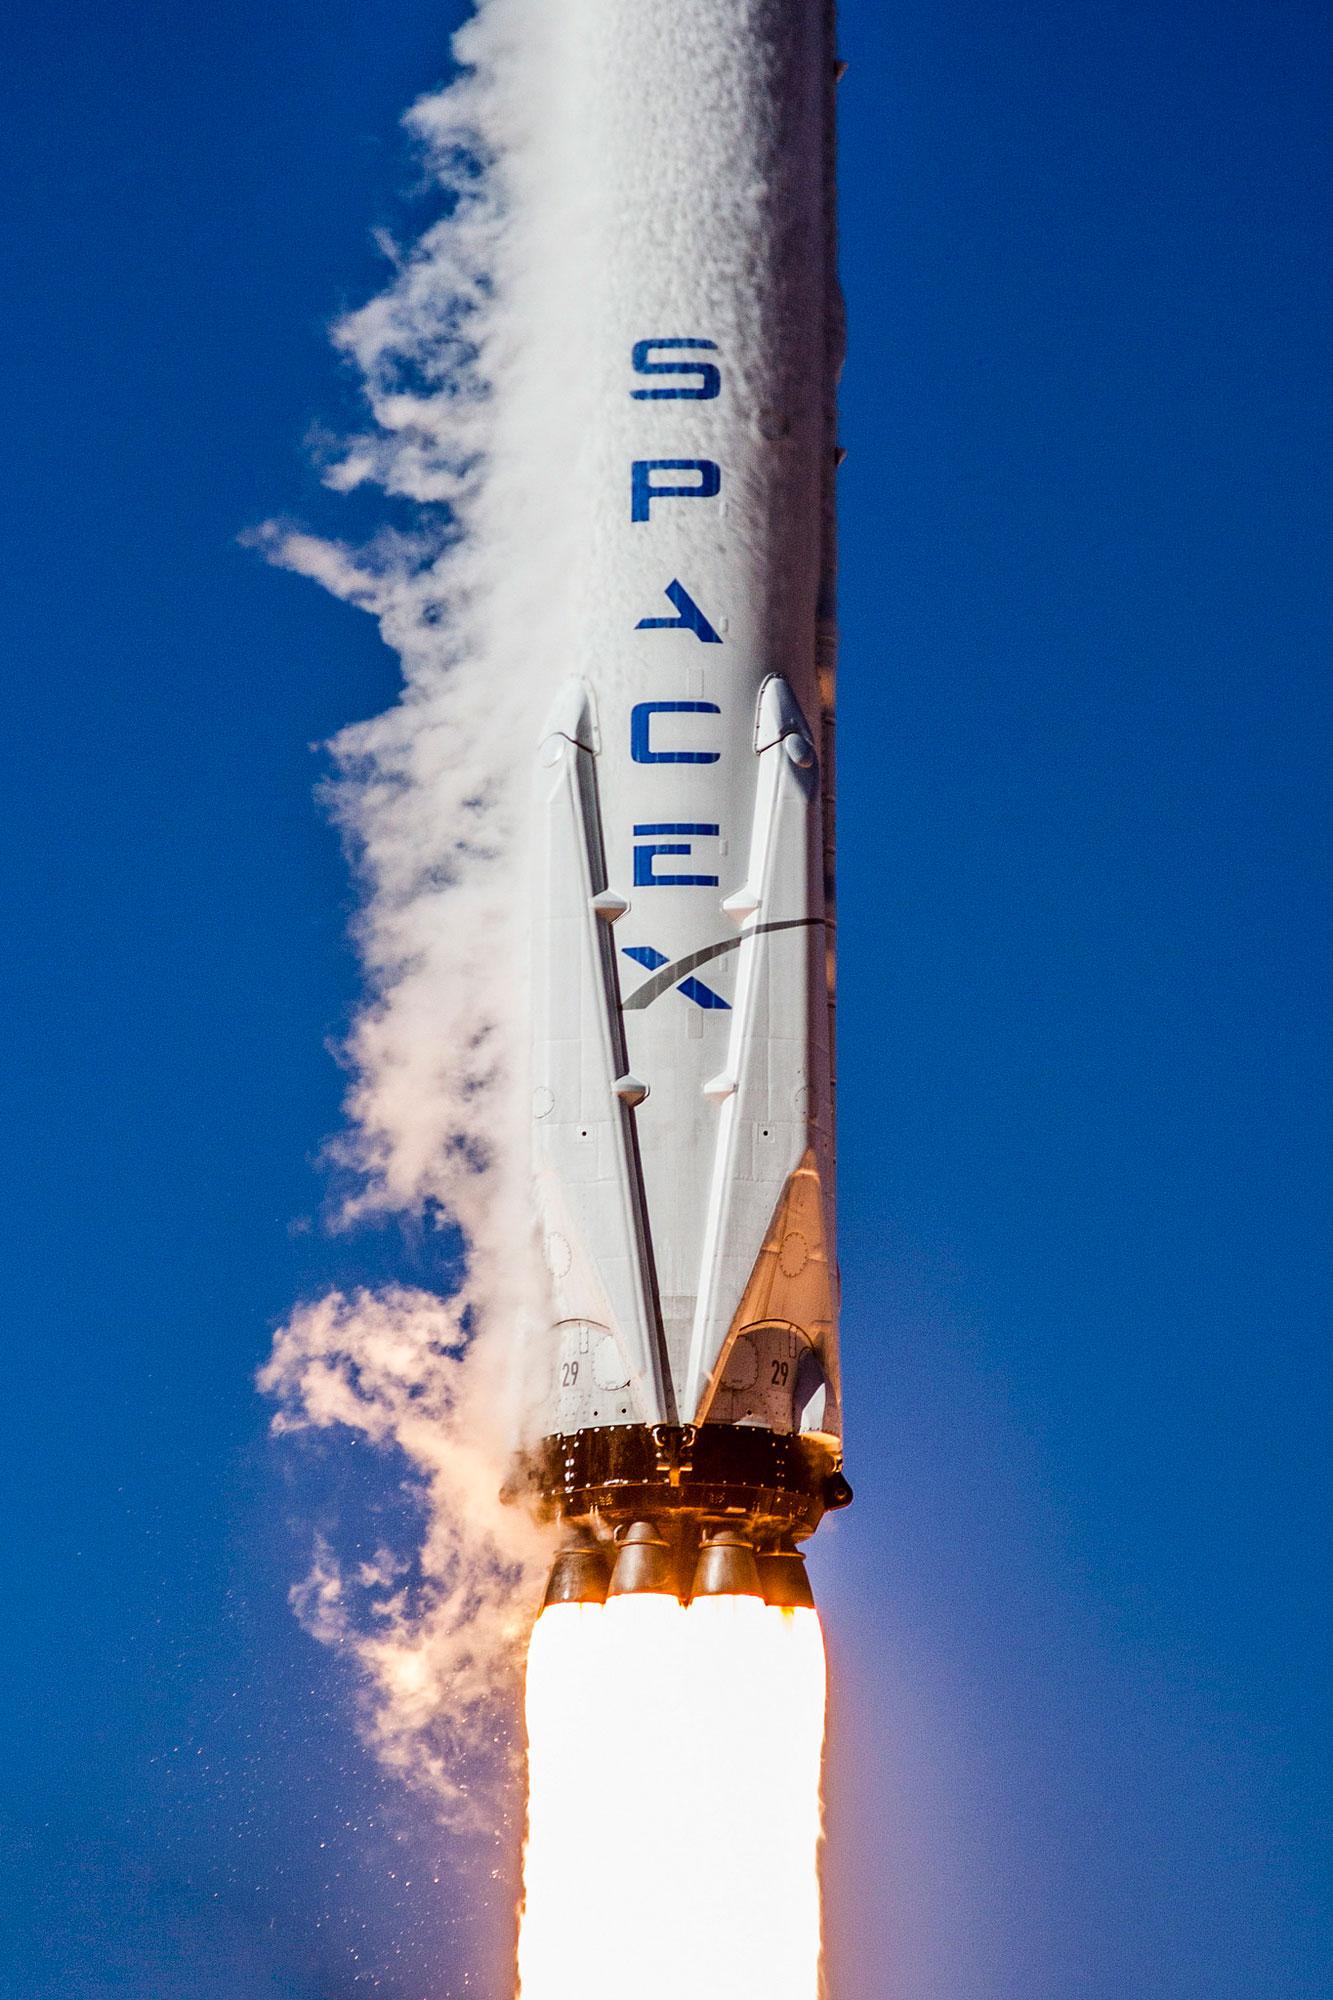 Málo platné detaily rozsvítí každou galerii. Povšimněte si čísla 29 pod přistávacíma nohama. Počínaje tímto startem SpaceX své první stupně čísluje, aby v nich bylo jasno.